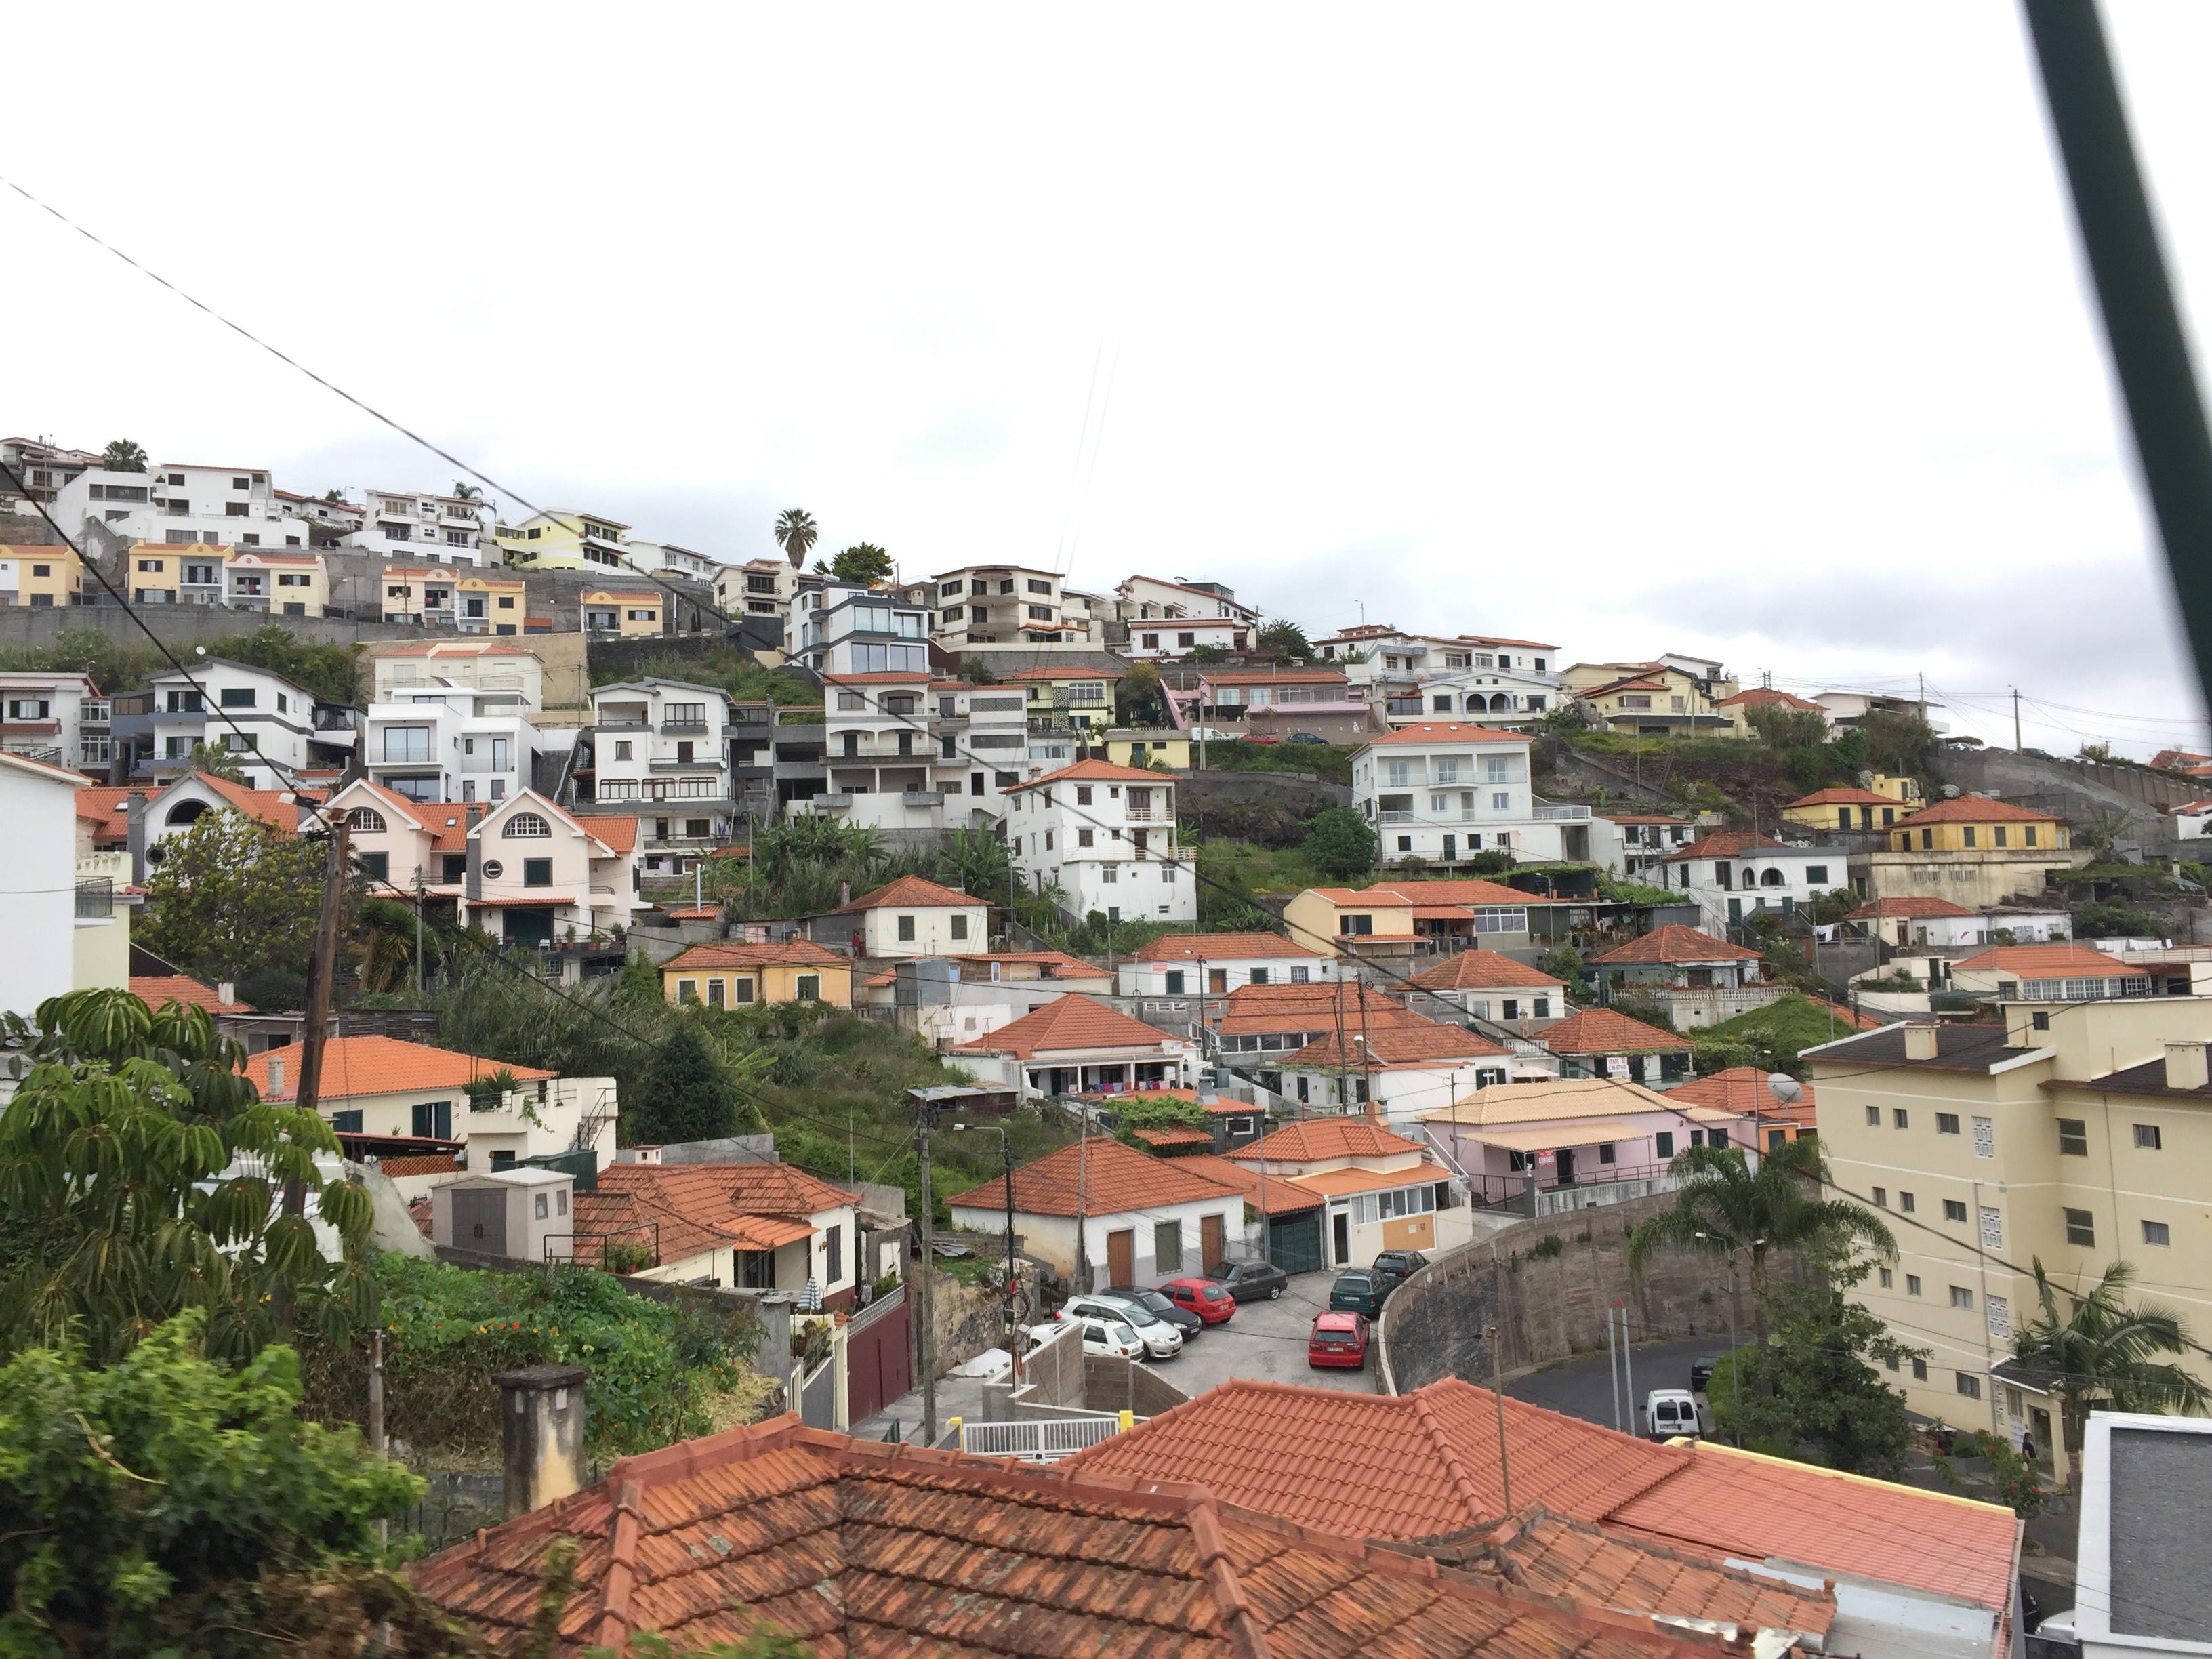 Stadtrundfahrt Funchal